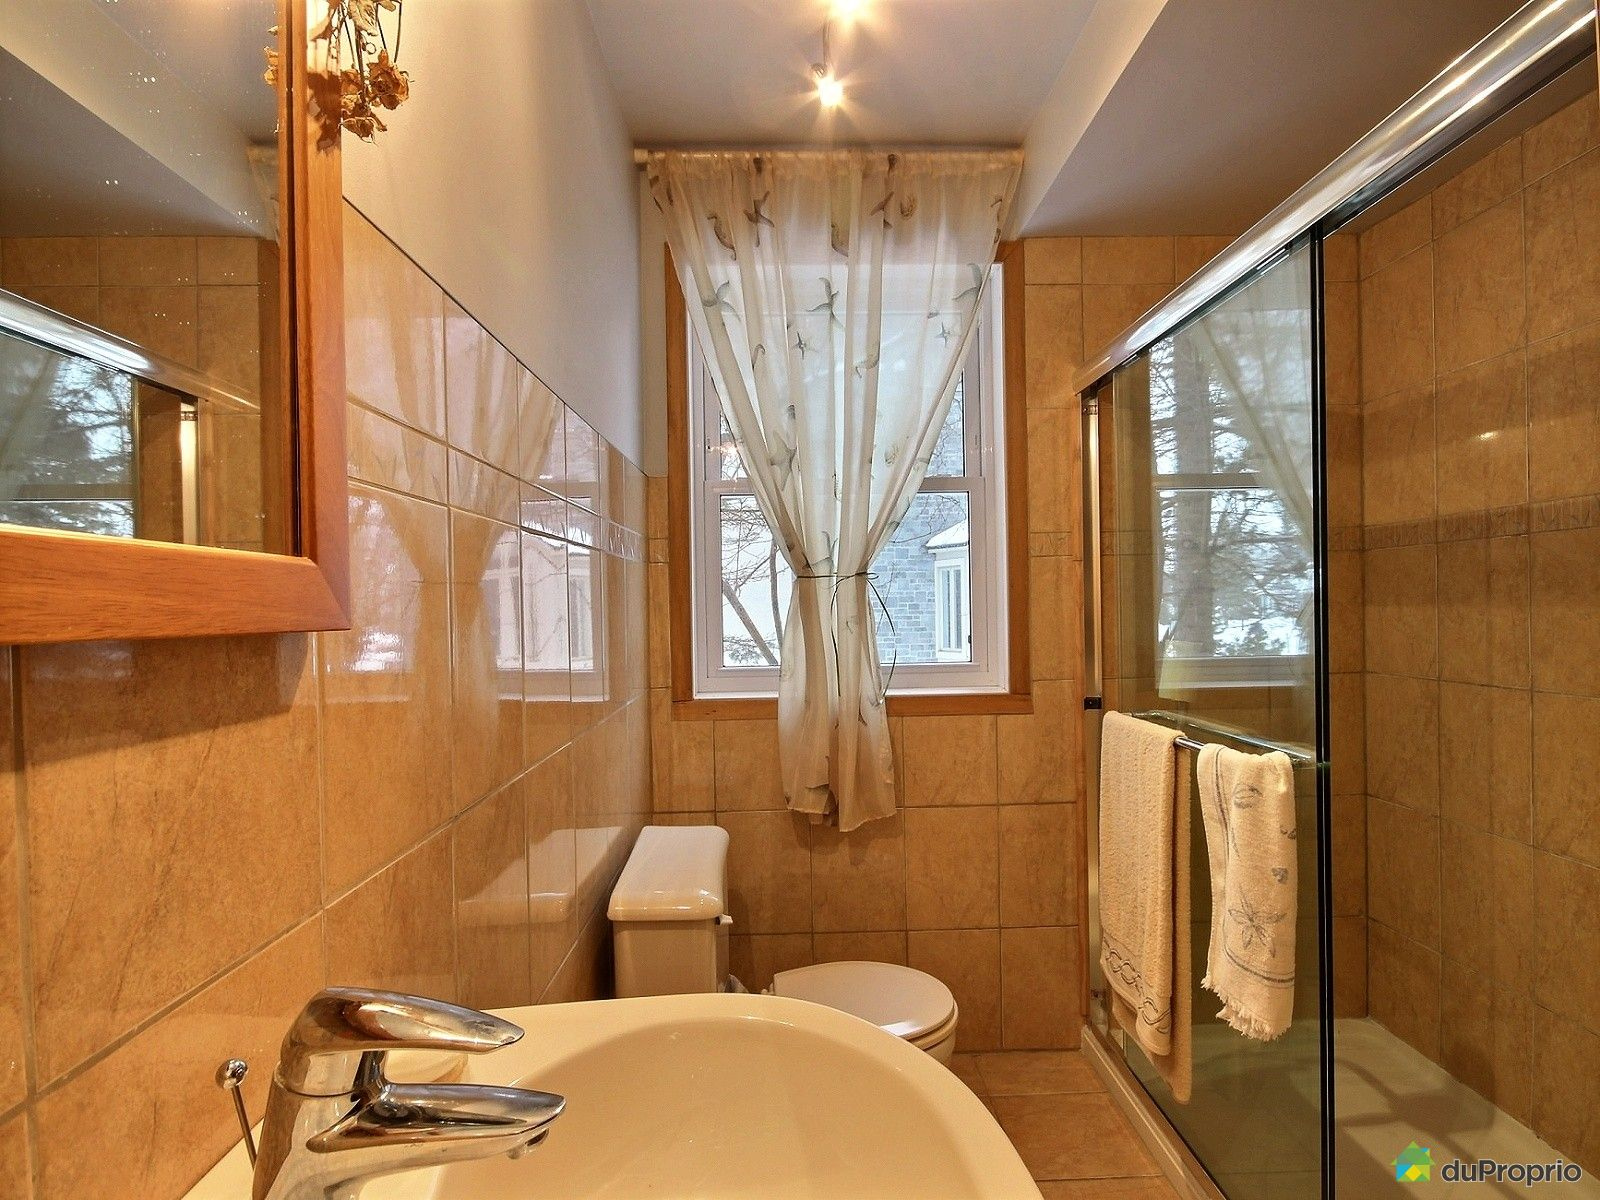 Maison vendre terrebonne 1930 rue durivage immobilier for Salle de bain 1930